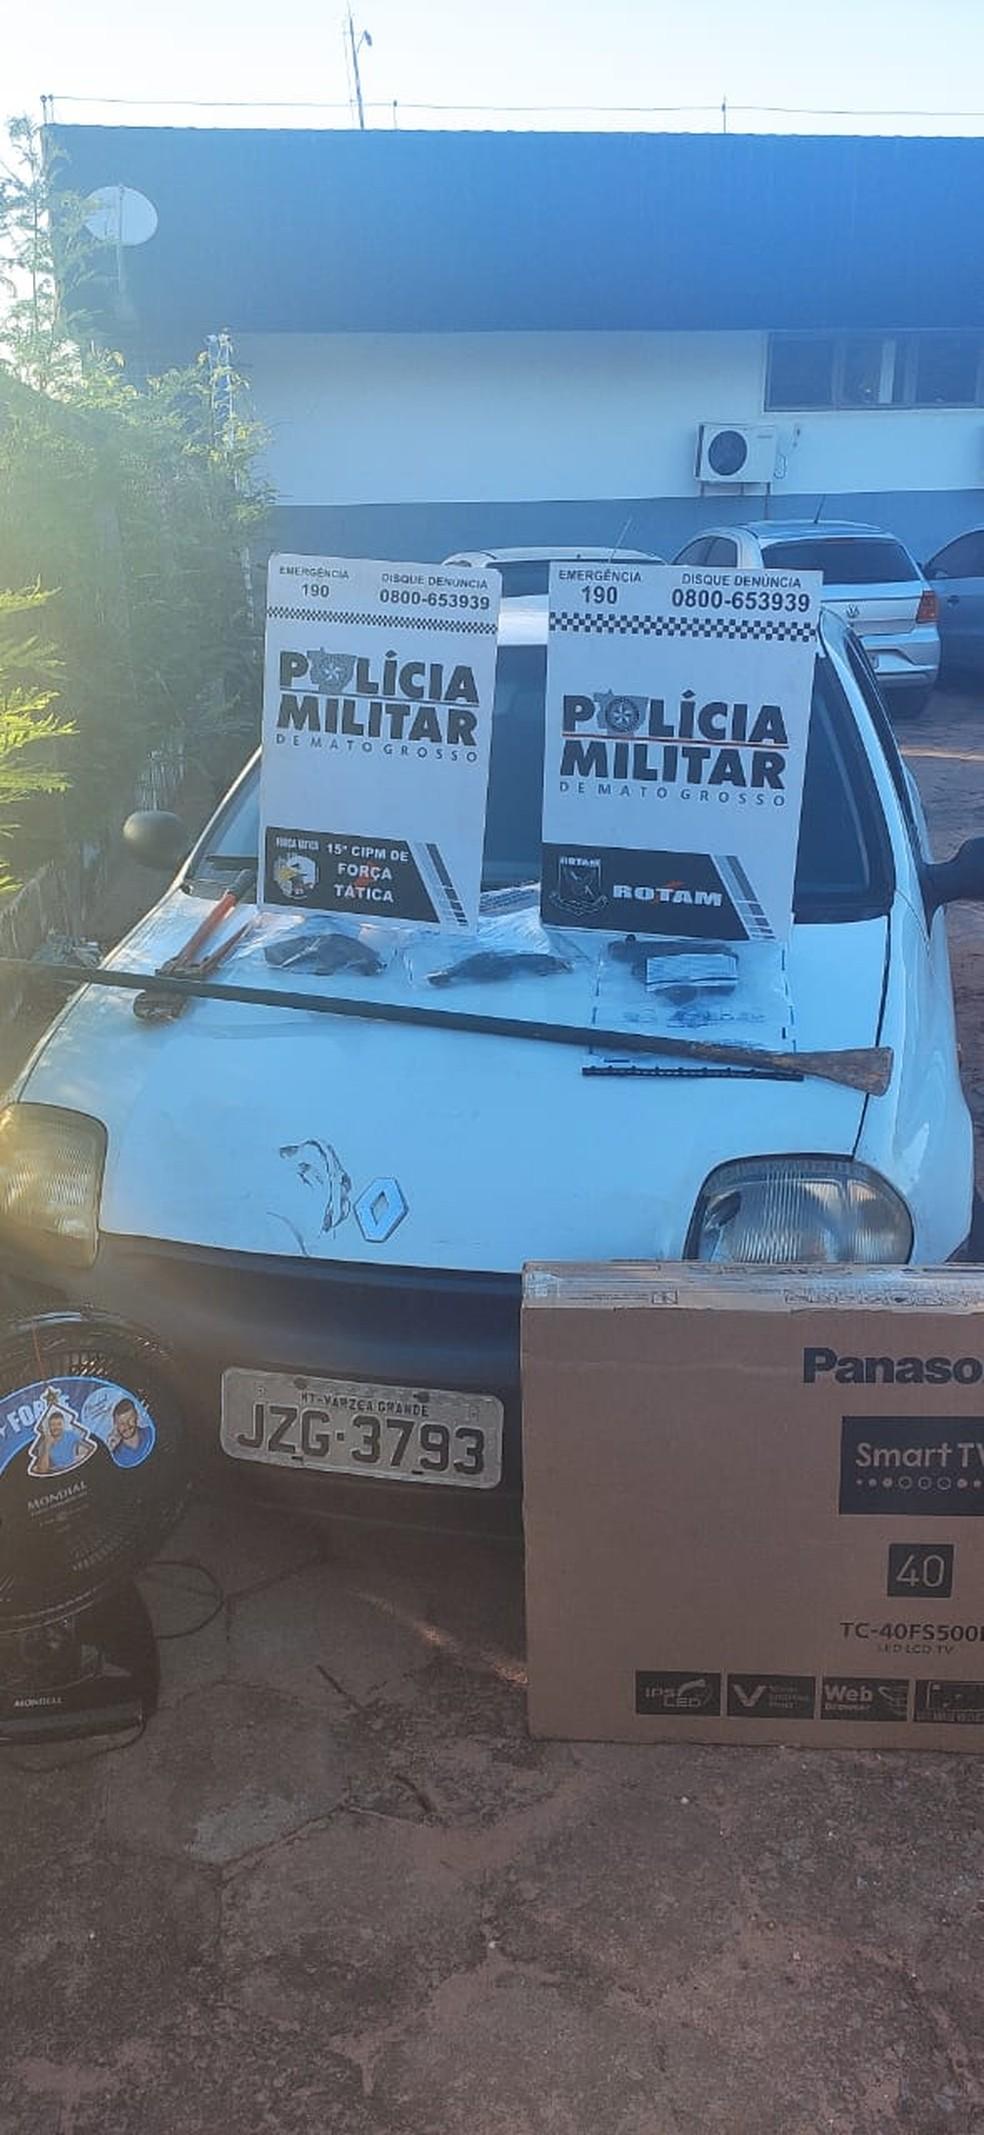 Armas e materiais encontrados com os suspeitos mortos pela Rotam em Várzea Grande — Foto: Polícia Militar de Mato Grosso